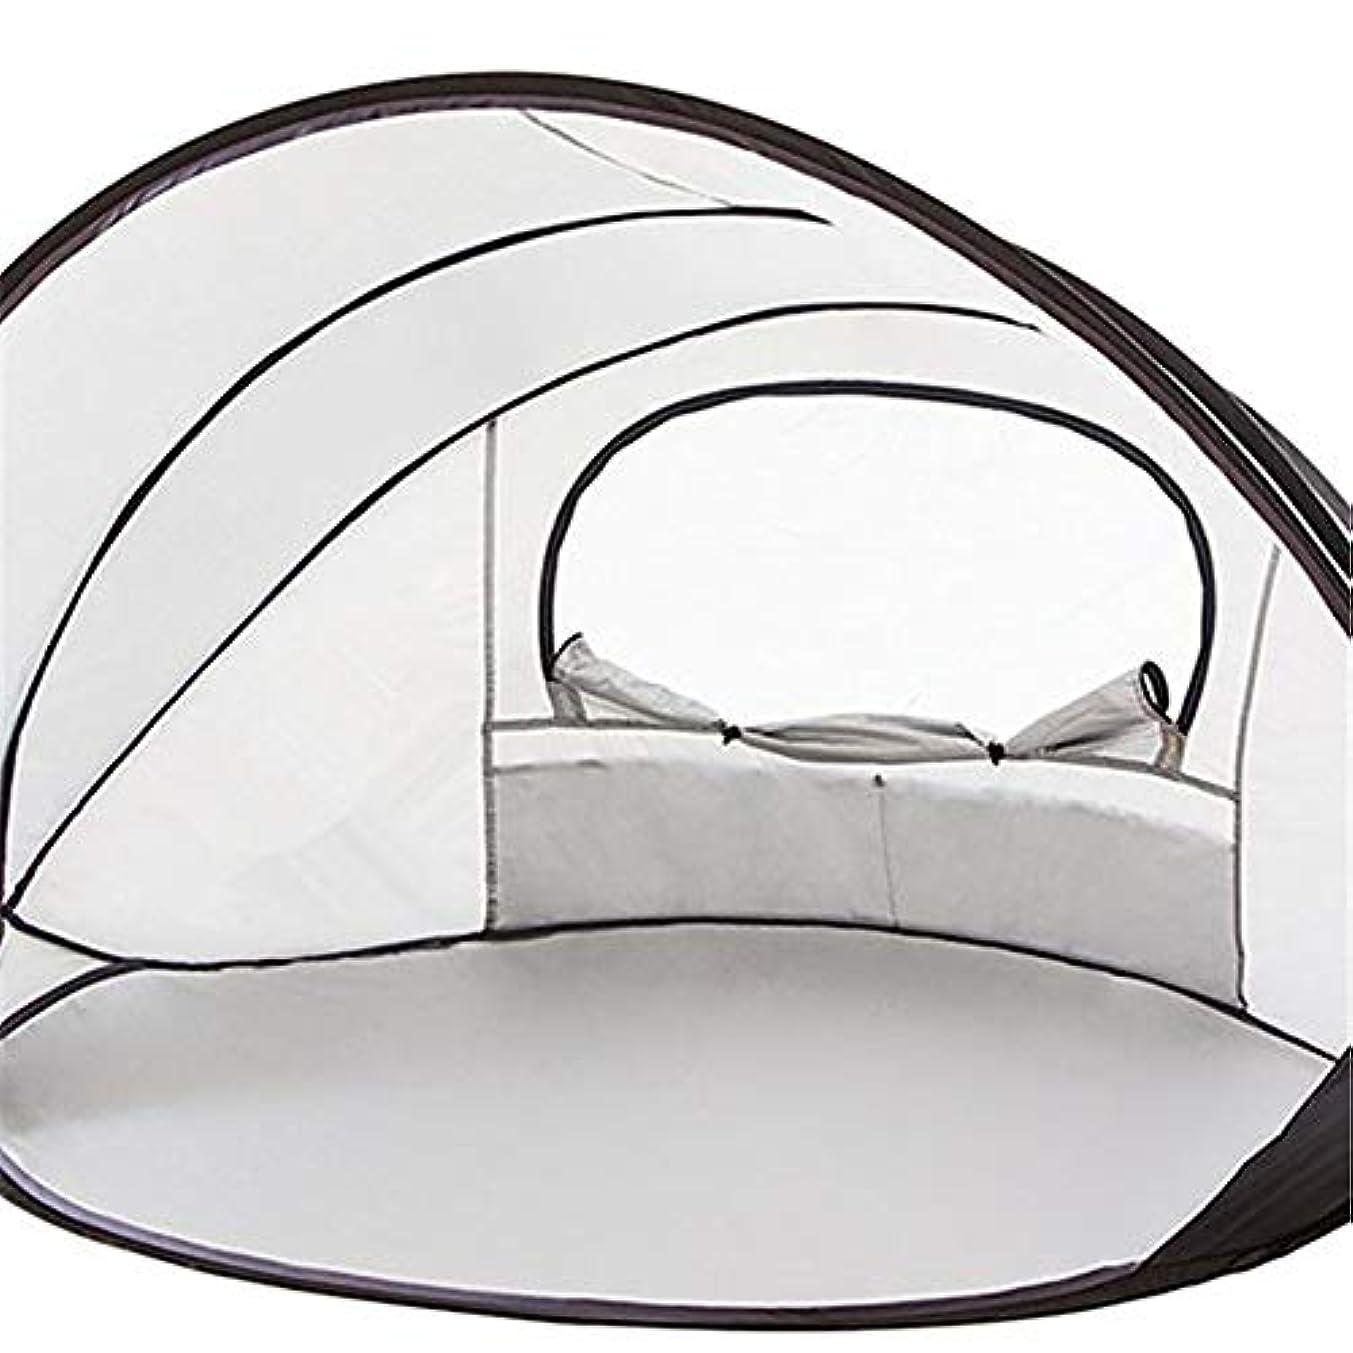 解読するどこか拮抗紫外線日焼け止め用のポップアップビーチテント定格UPF 50+が含まれていますキャリートラベルバッグテントペグ2人用簡単折りたたみビーチシェルター、100%防水